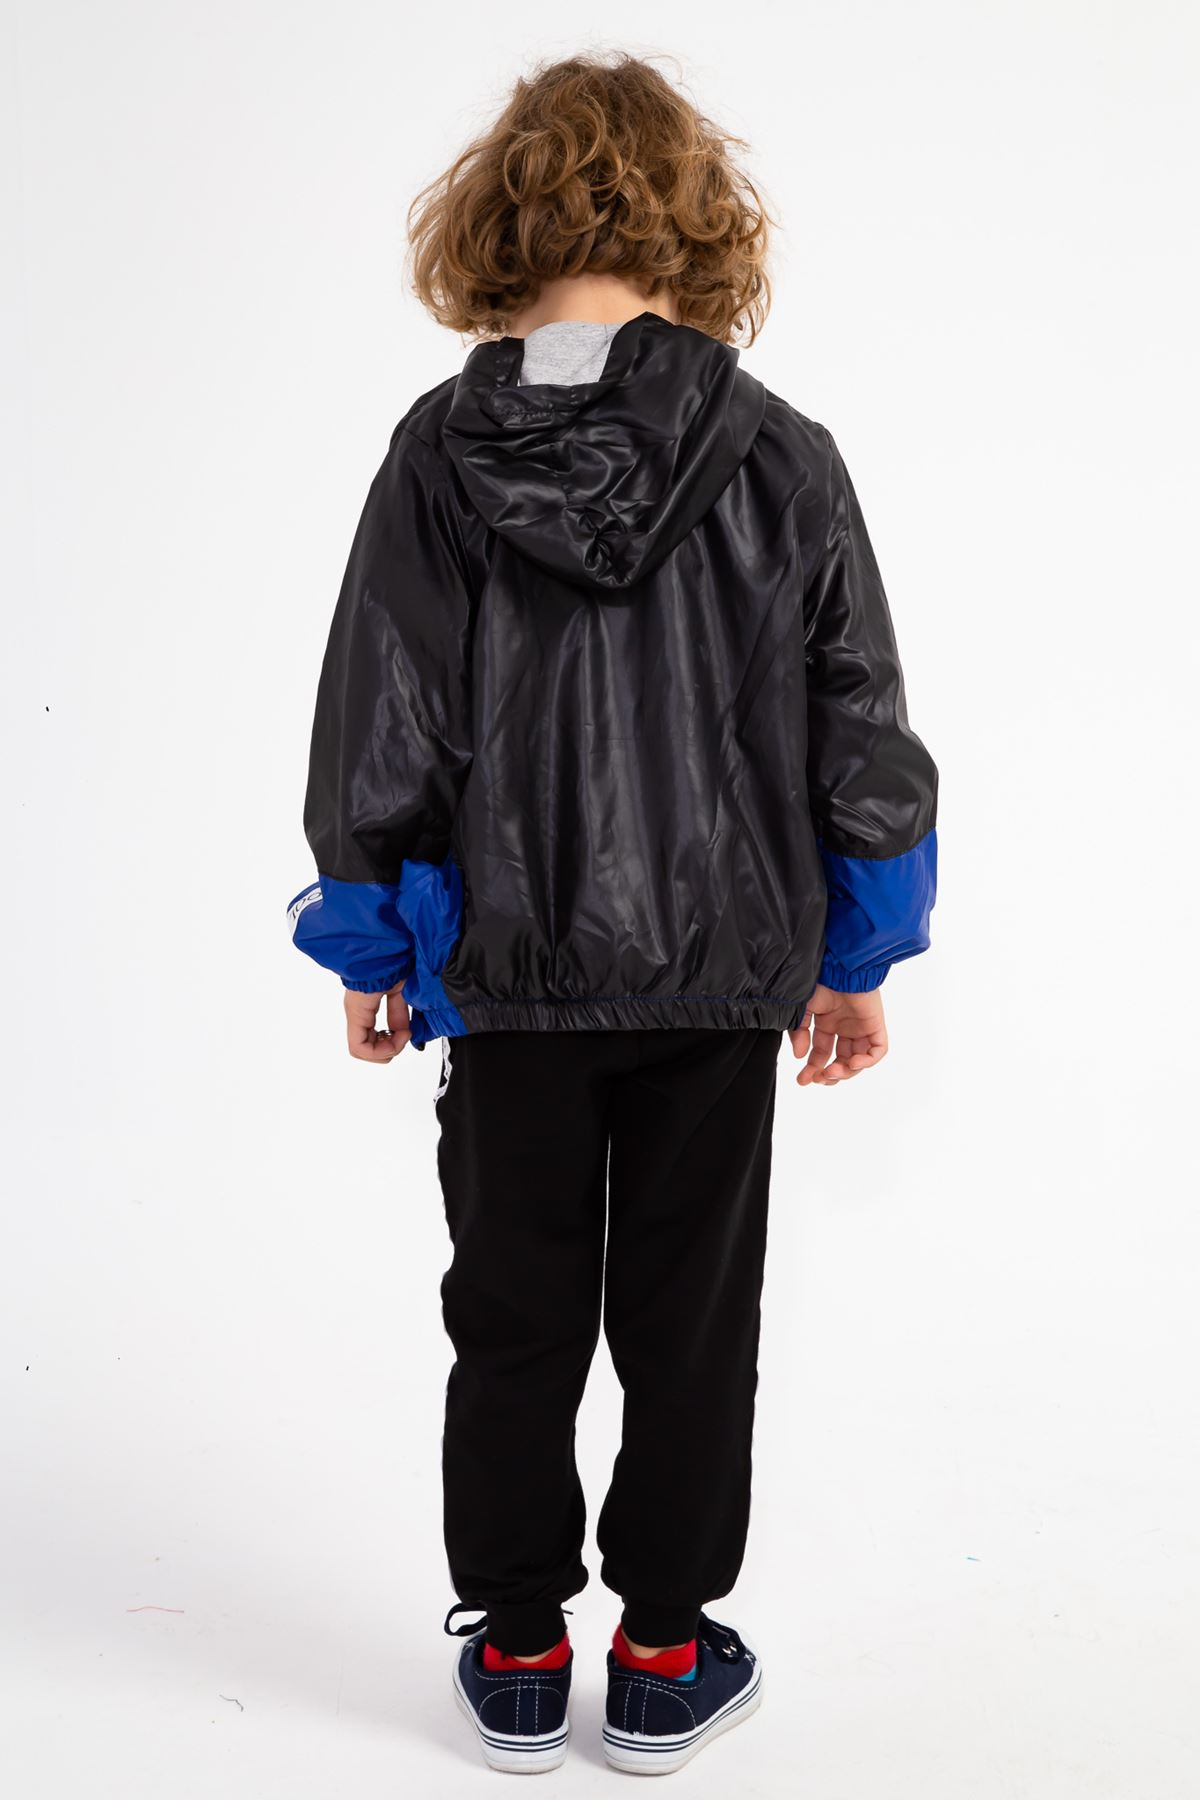 Erkek Çocuk Yağmurluklu Eşofman Takım Siyah